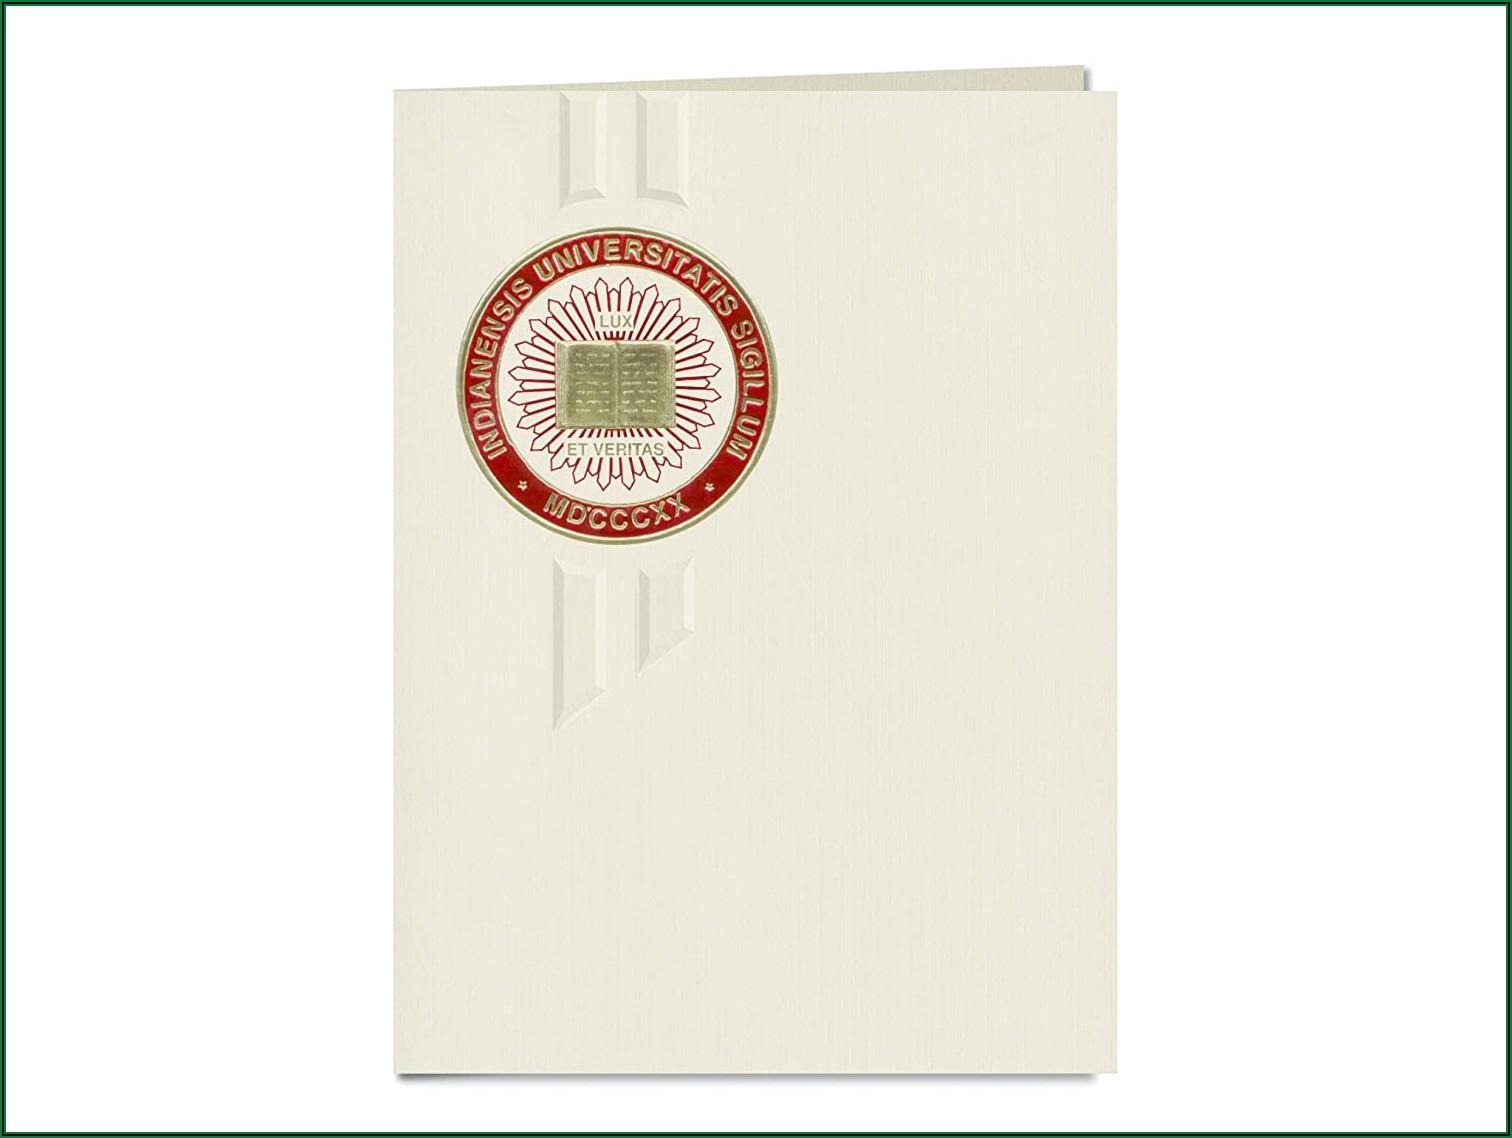 Purdue University Graduation Announcements